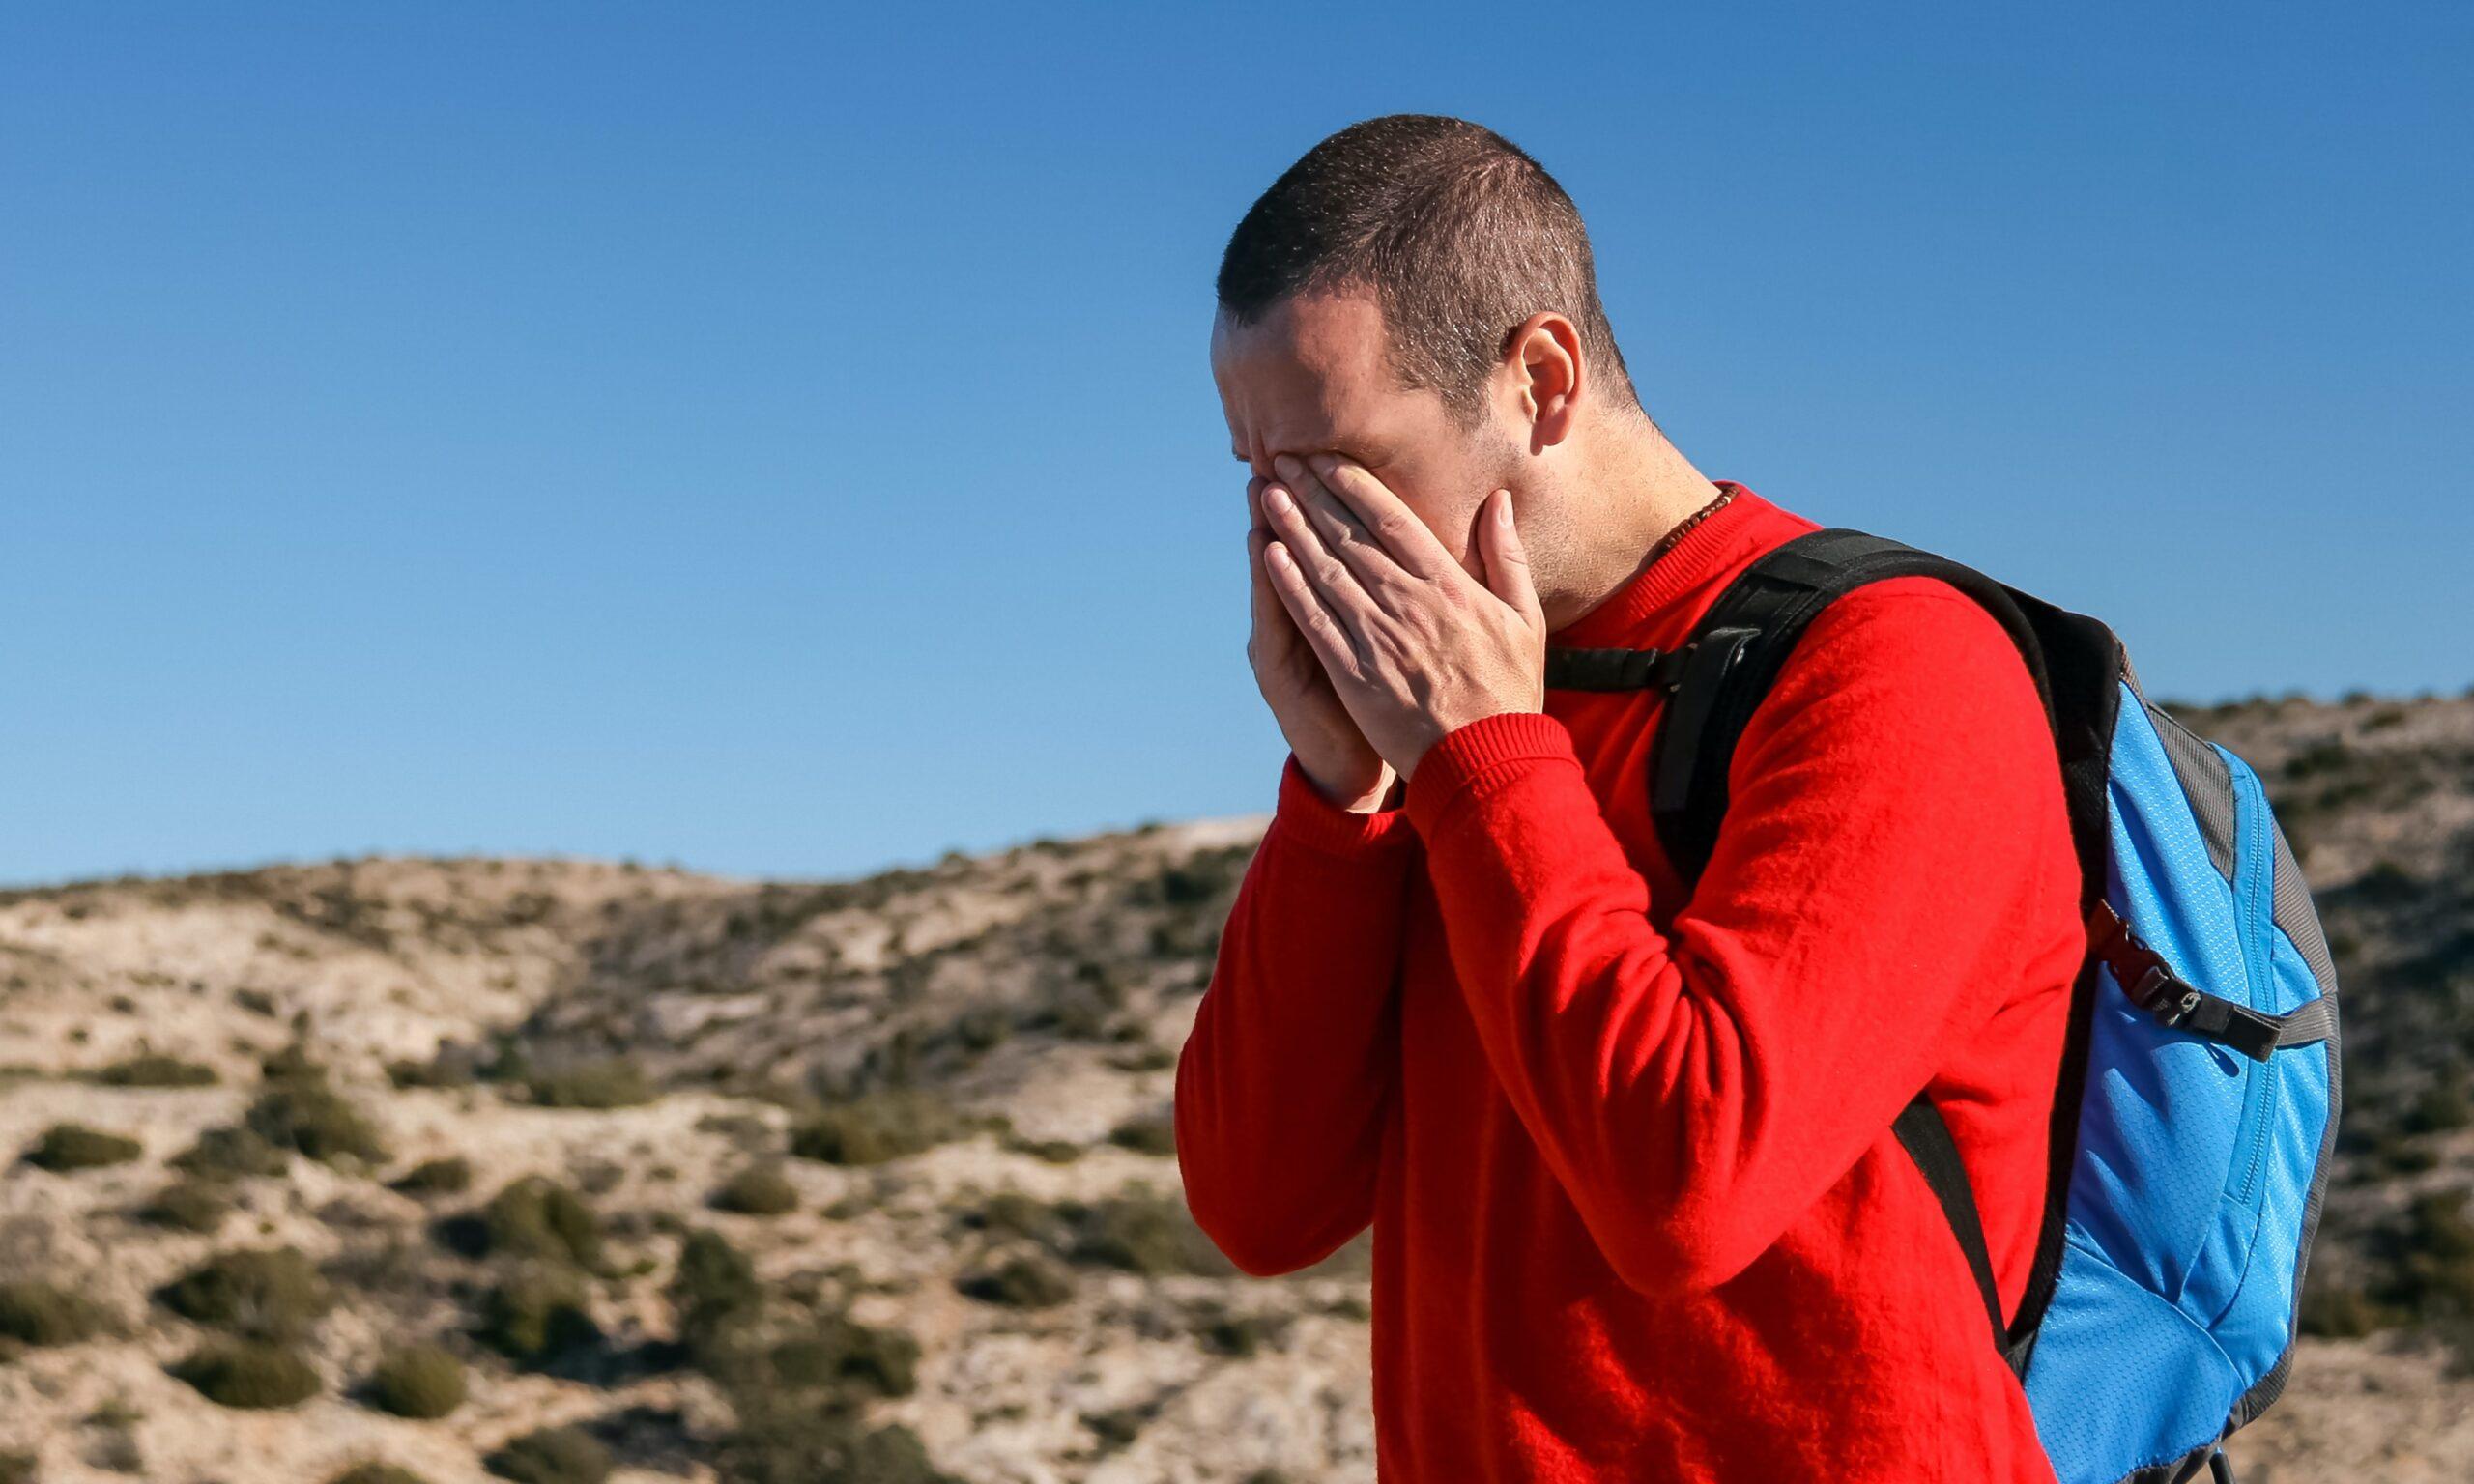 慢性頭痛は漢方が効く